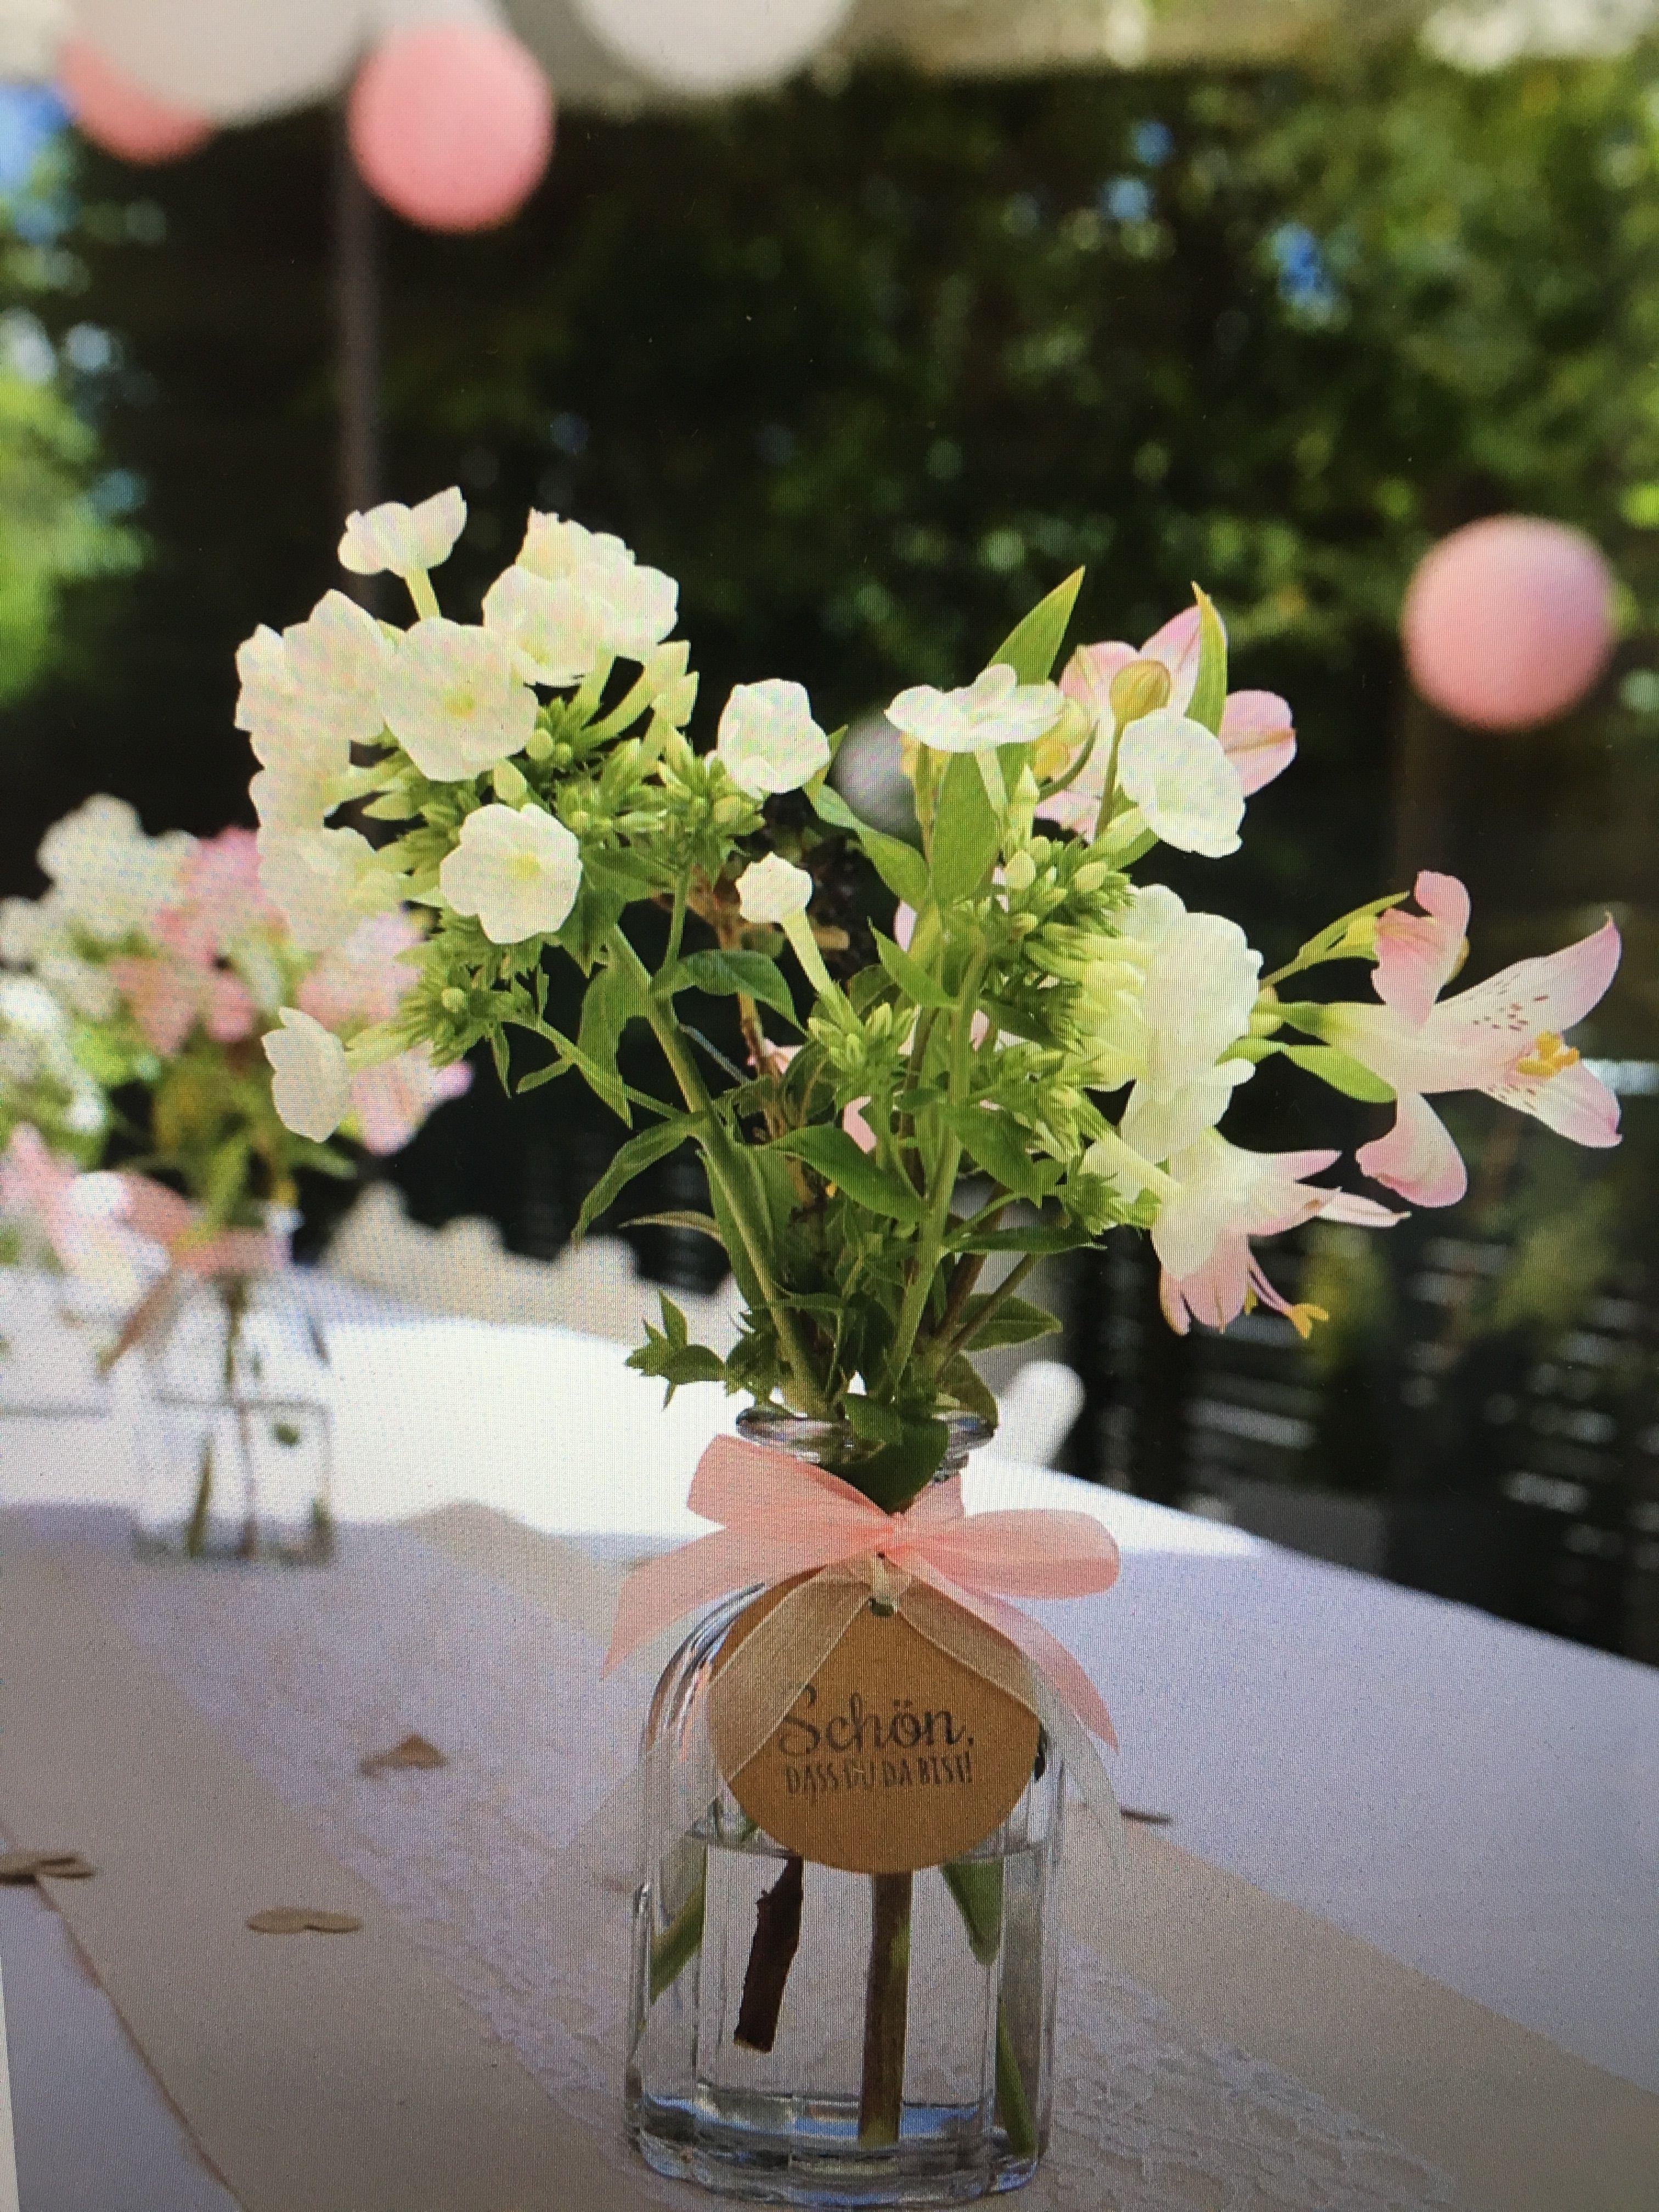 Schön, dass du da bist! Vintage-Vasen zum Verleih im